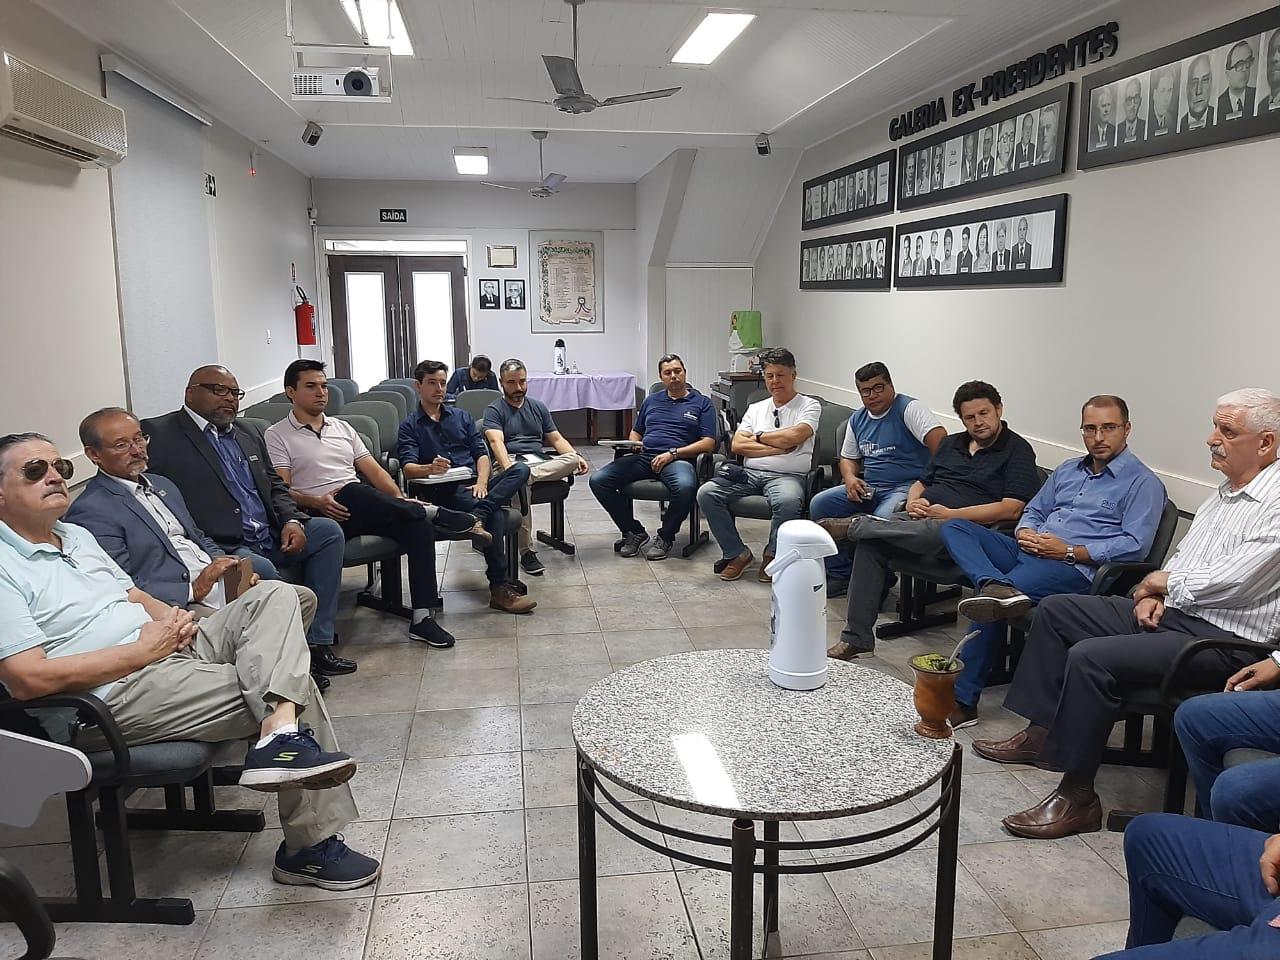 Reunião abordou projeto do Aeroporto de Alegrete.